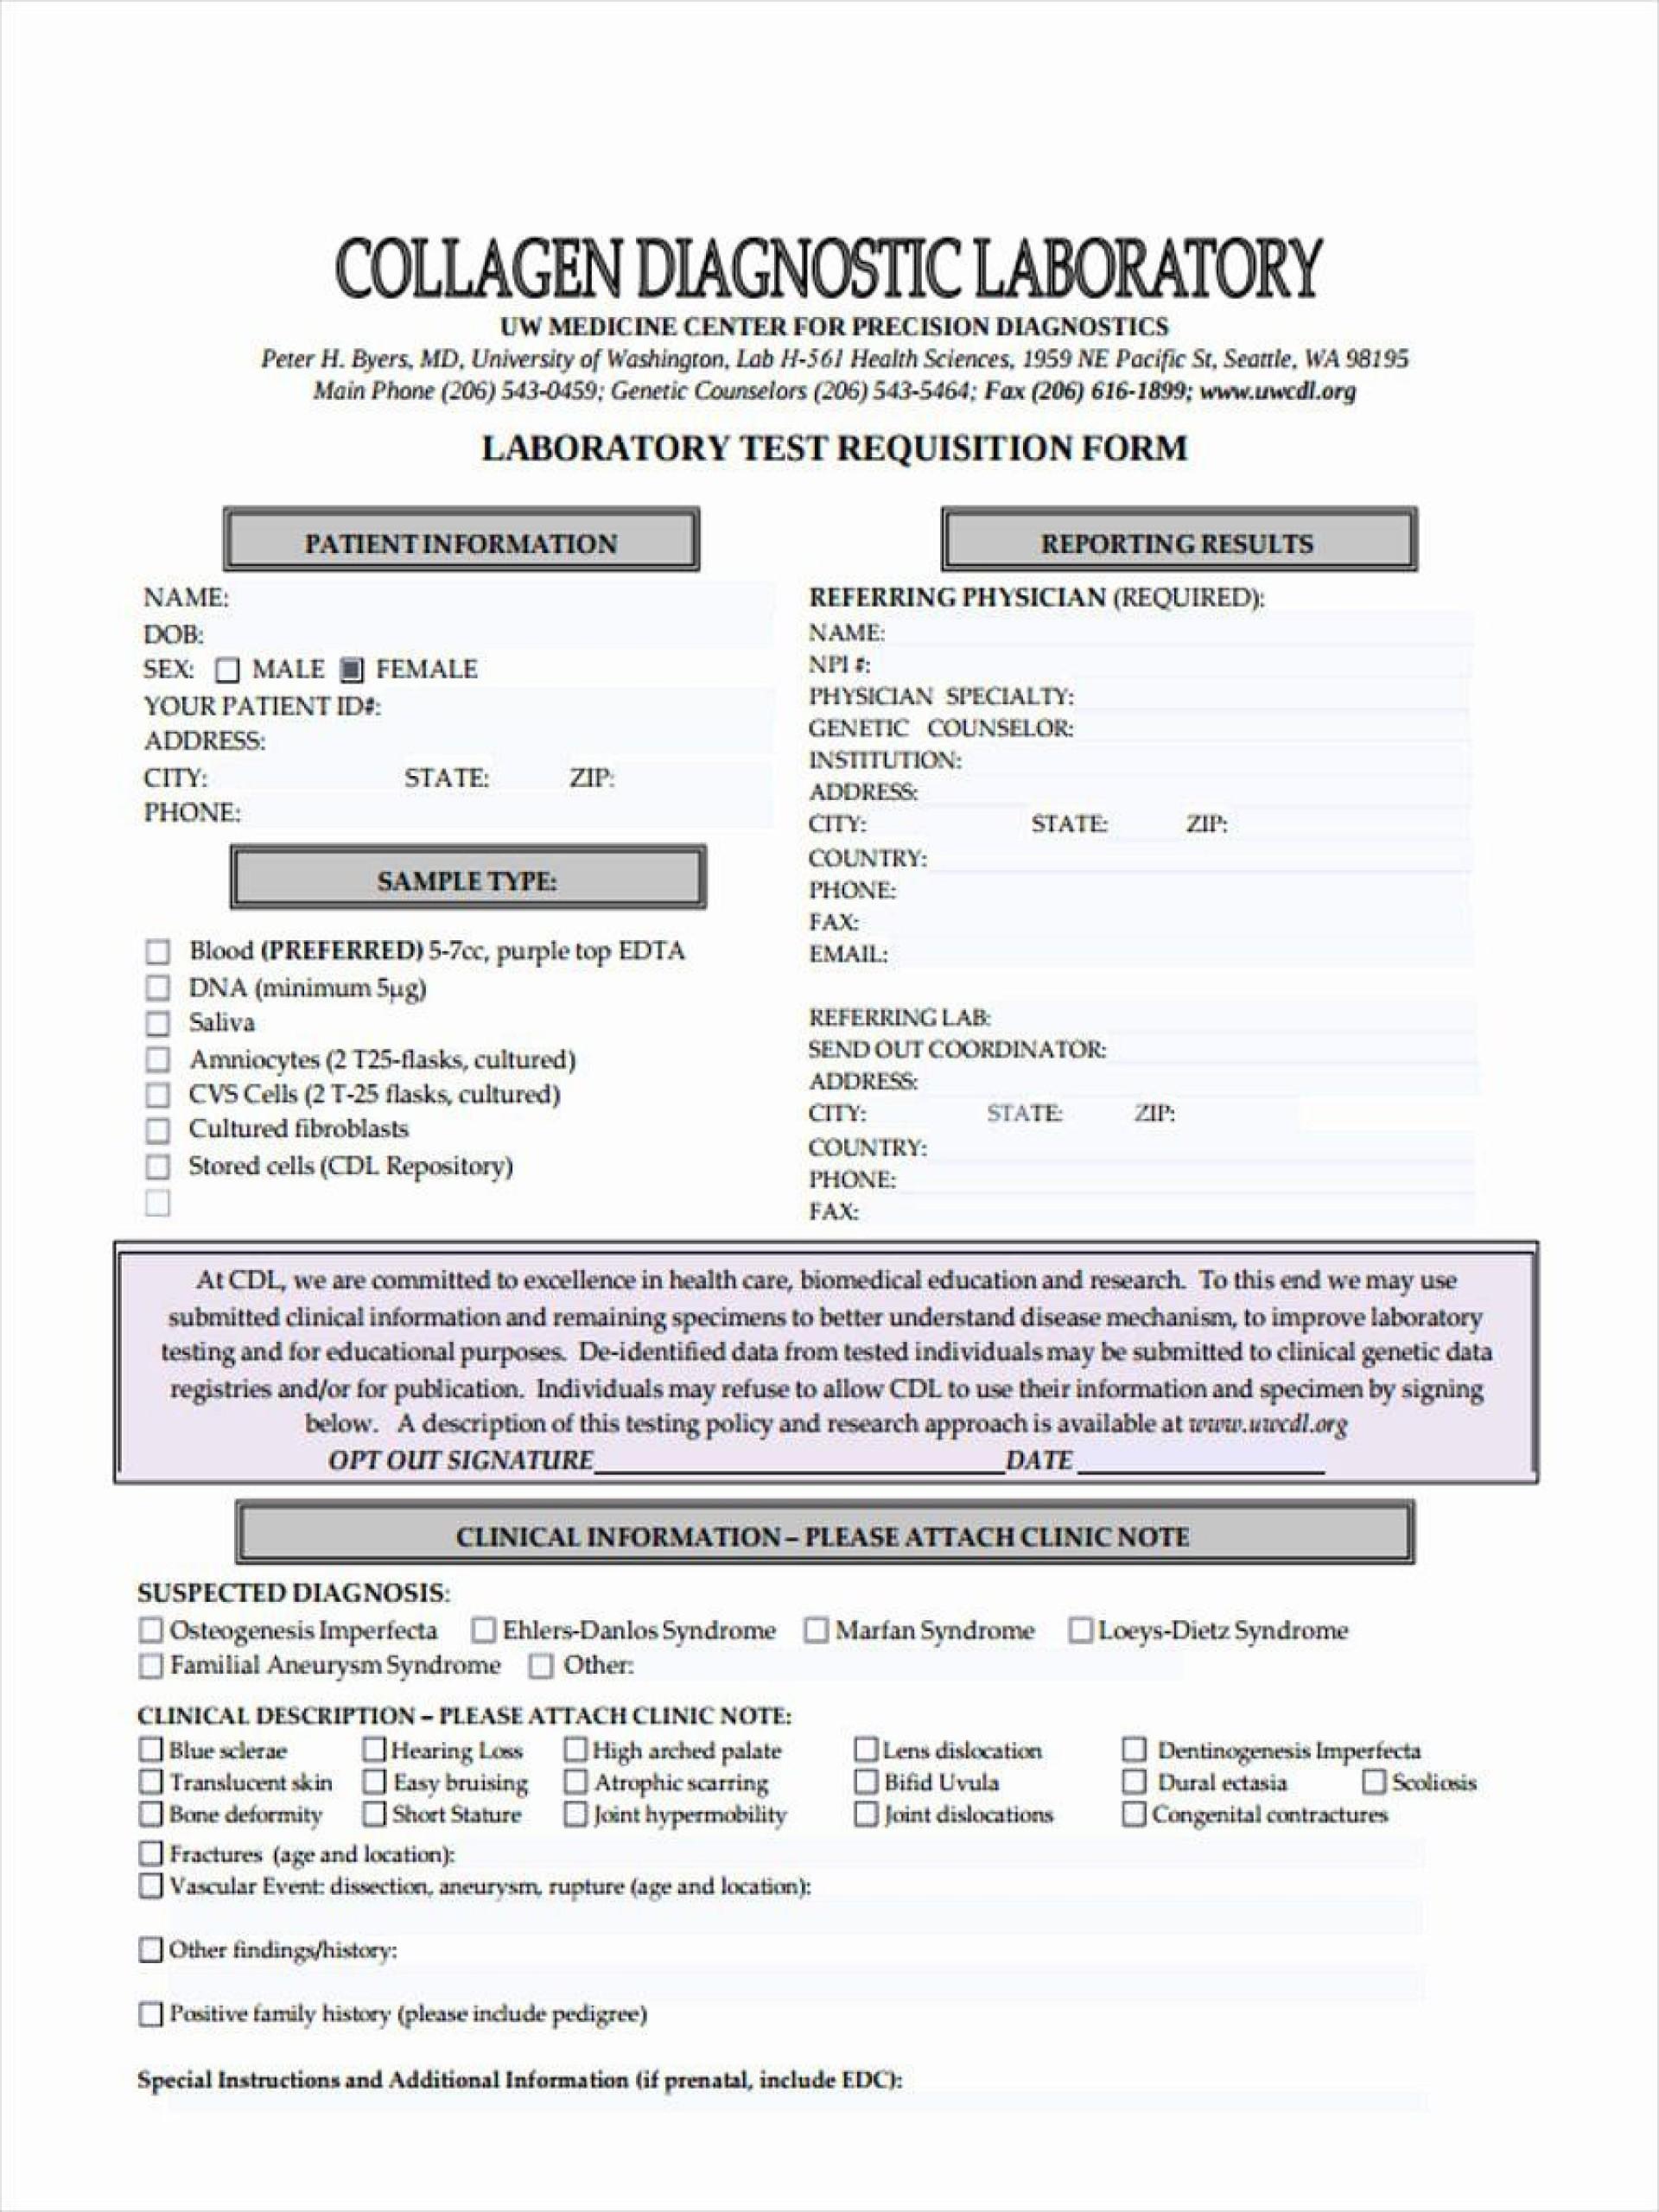 005 Unique Lab Requisition Form Template Concept  Quest Diagnostic Pdf1920